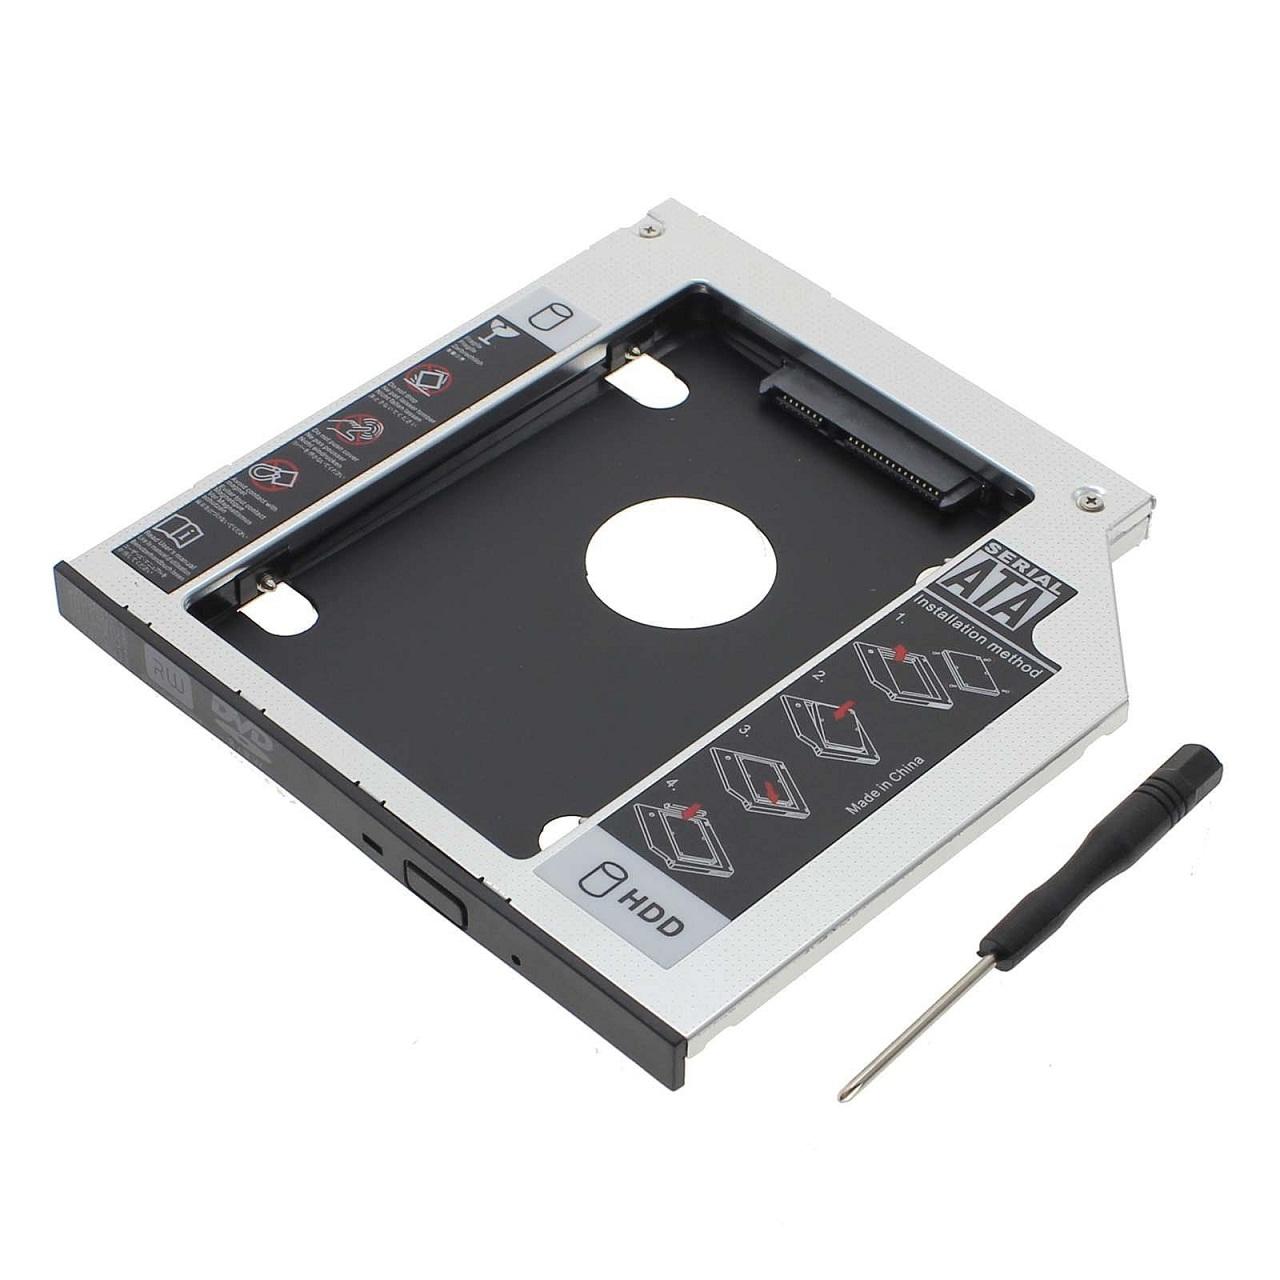 Rám / rámeček na HDD / harddisk / SSD místo CD / DVD mechaniky , 12,7mm